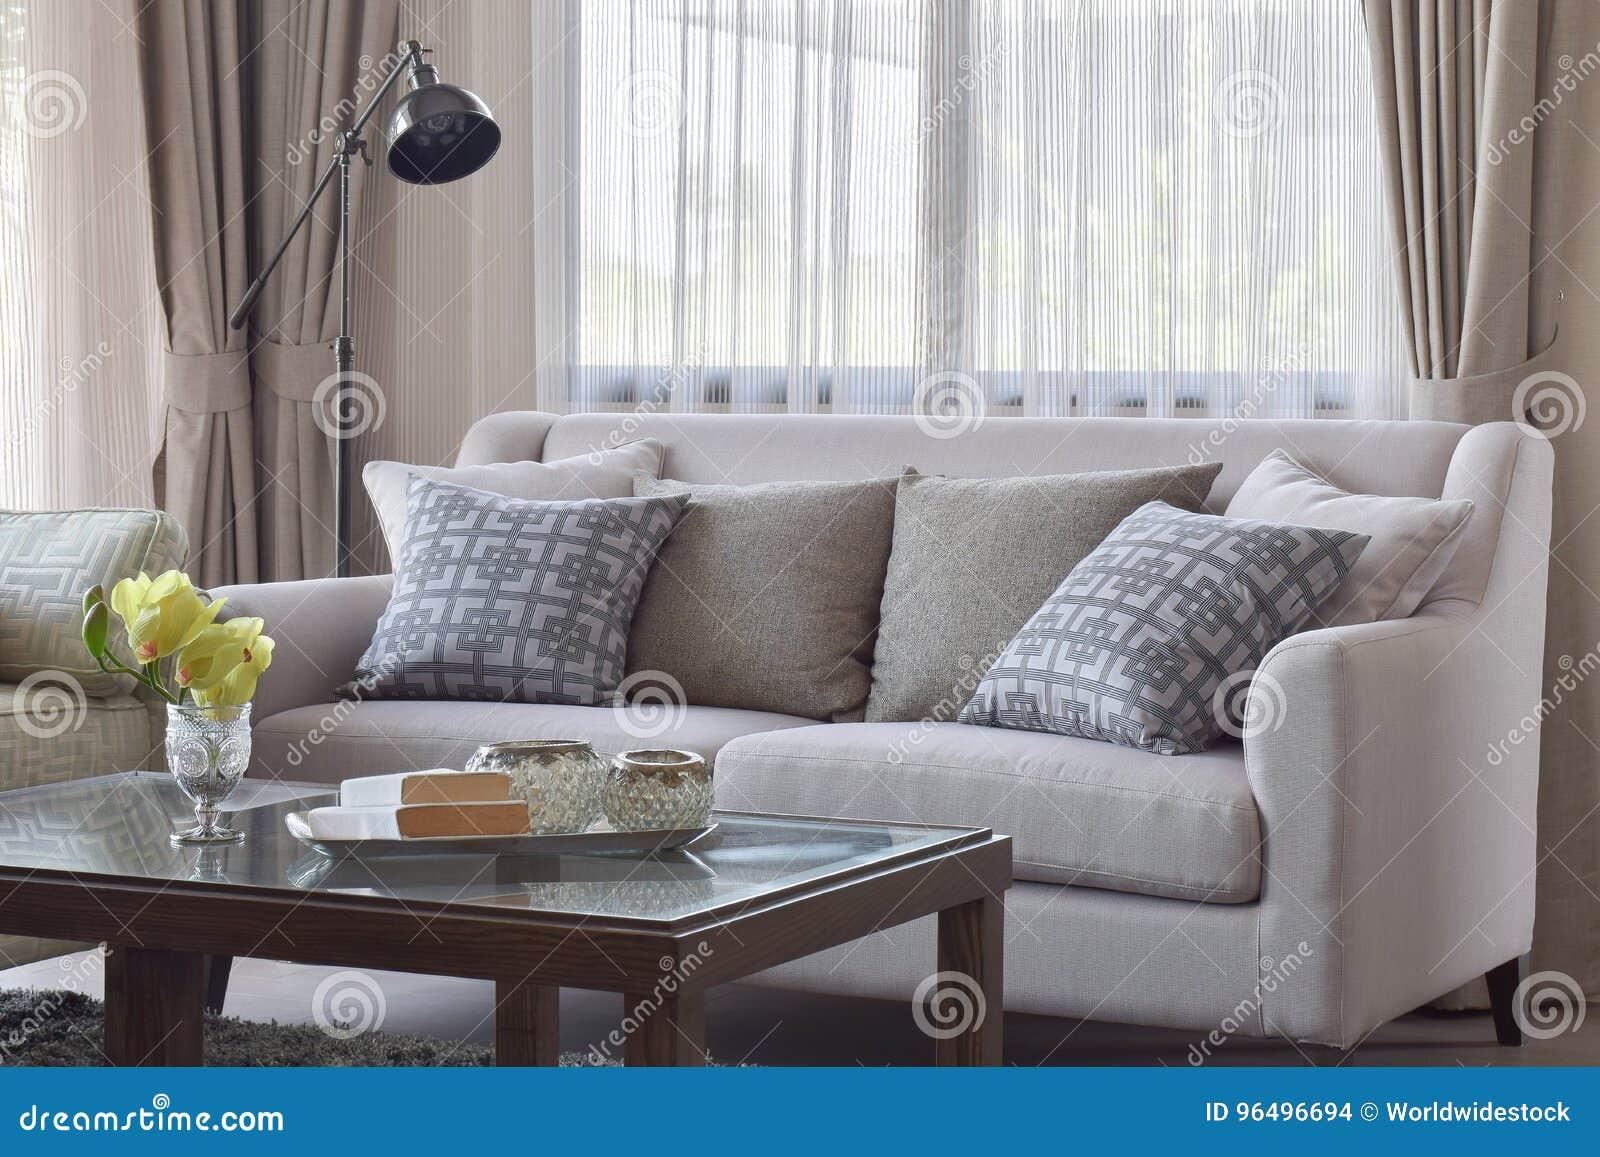 Download Kopieren Sie Die Kissen, Die Auf Beige Sofa Im Wohnzimmer  Einstellen Stockfoto   Bild